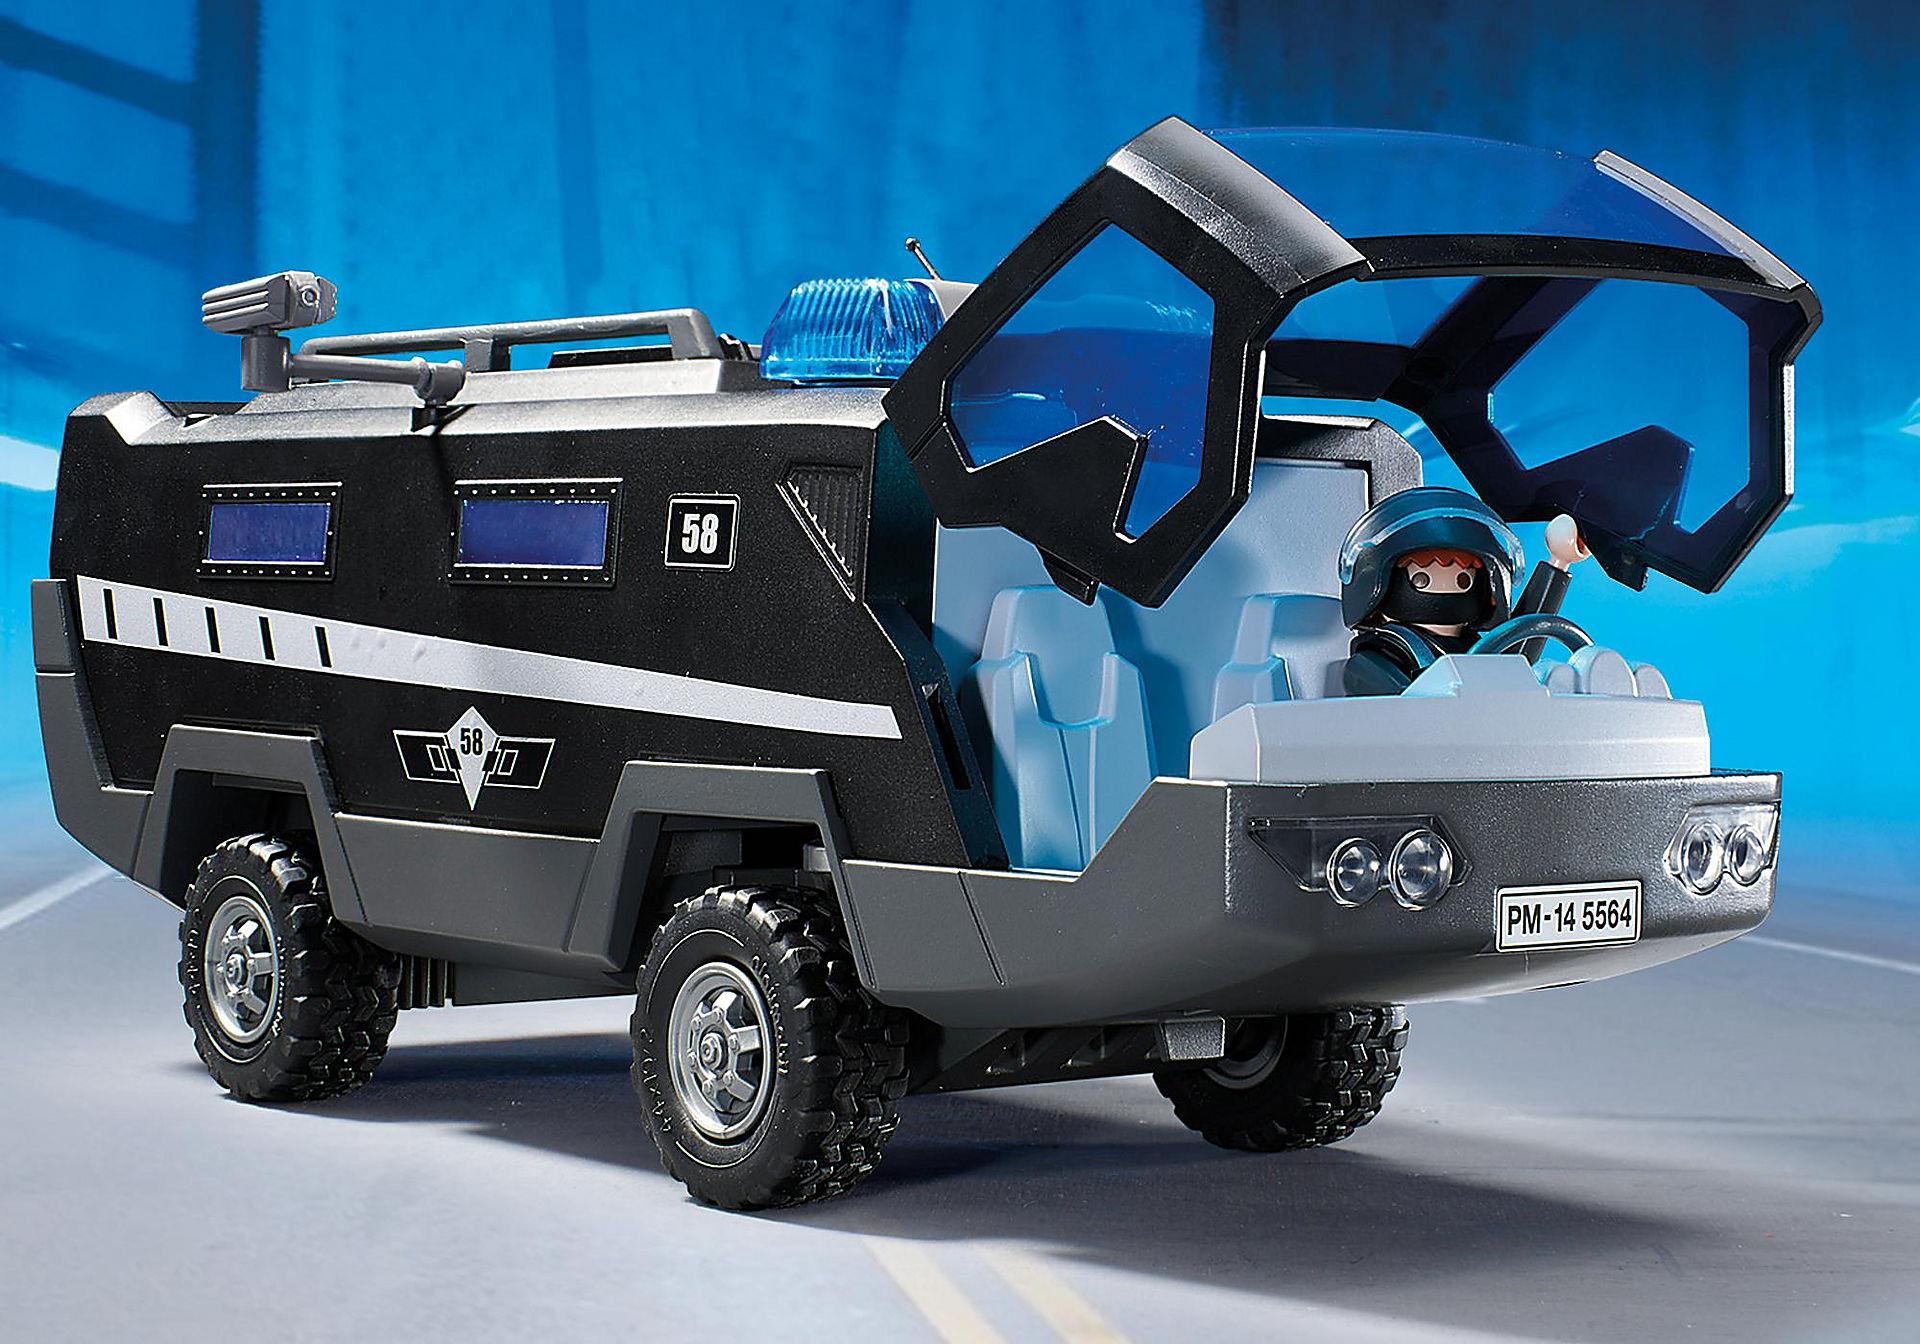 http://media.playmobil.com/i/playmobil/5564_product_extra3/Camión Unidad Especial de Policía